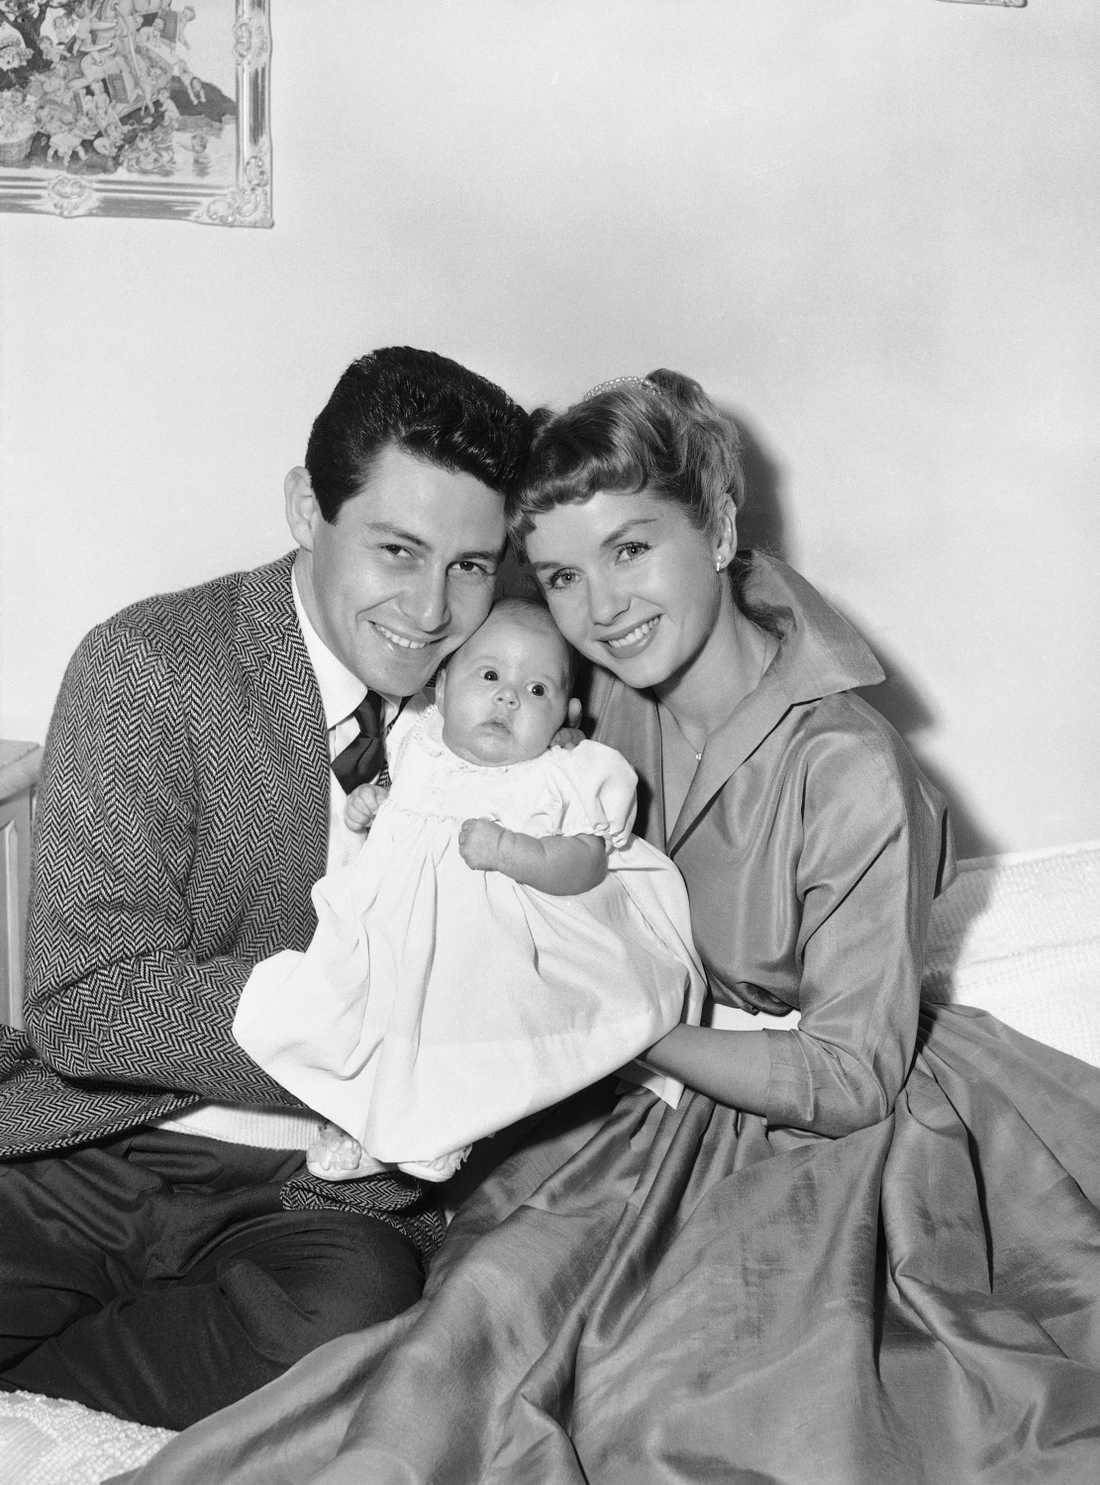 Föräldrarna Eddie Fisher och Debbie Reynolds med nyfödd Carrie Fisher 1957.